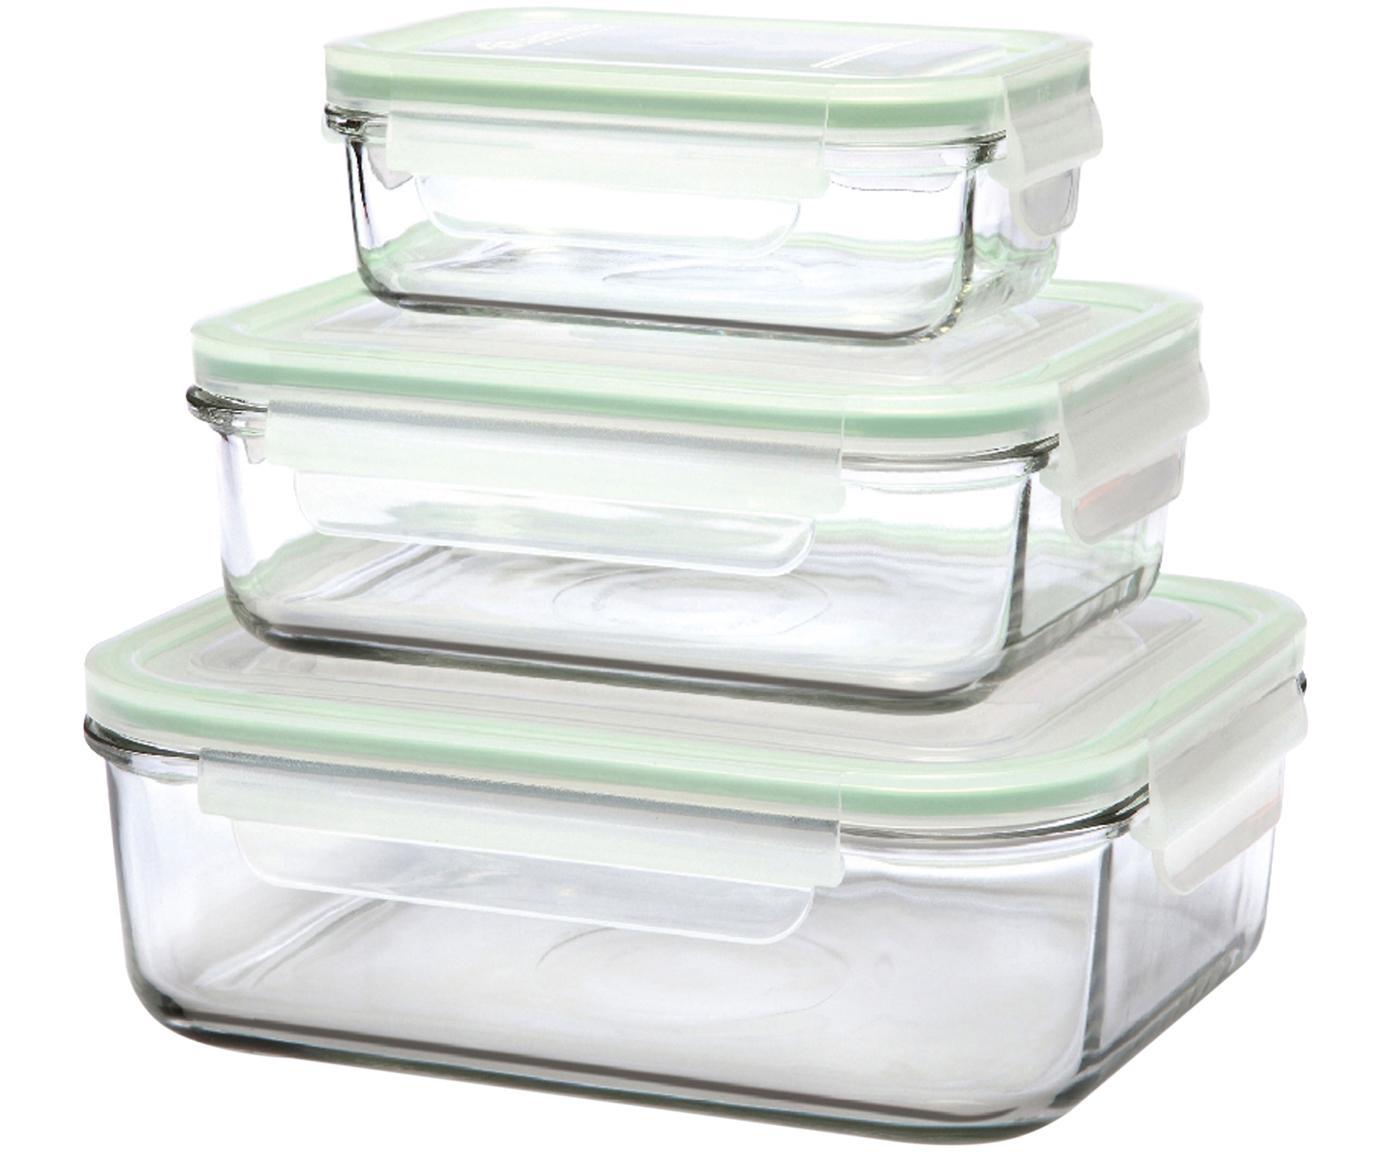 Set de recipientes herméticos Alma, 3uds., Recipiente: vidrio templado, libre de, Transparente, verde claro, Tamaños diferentes